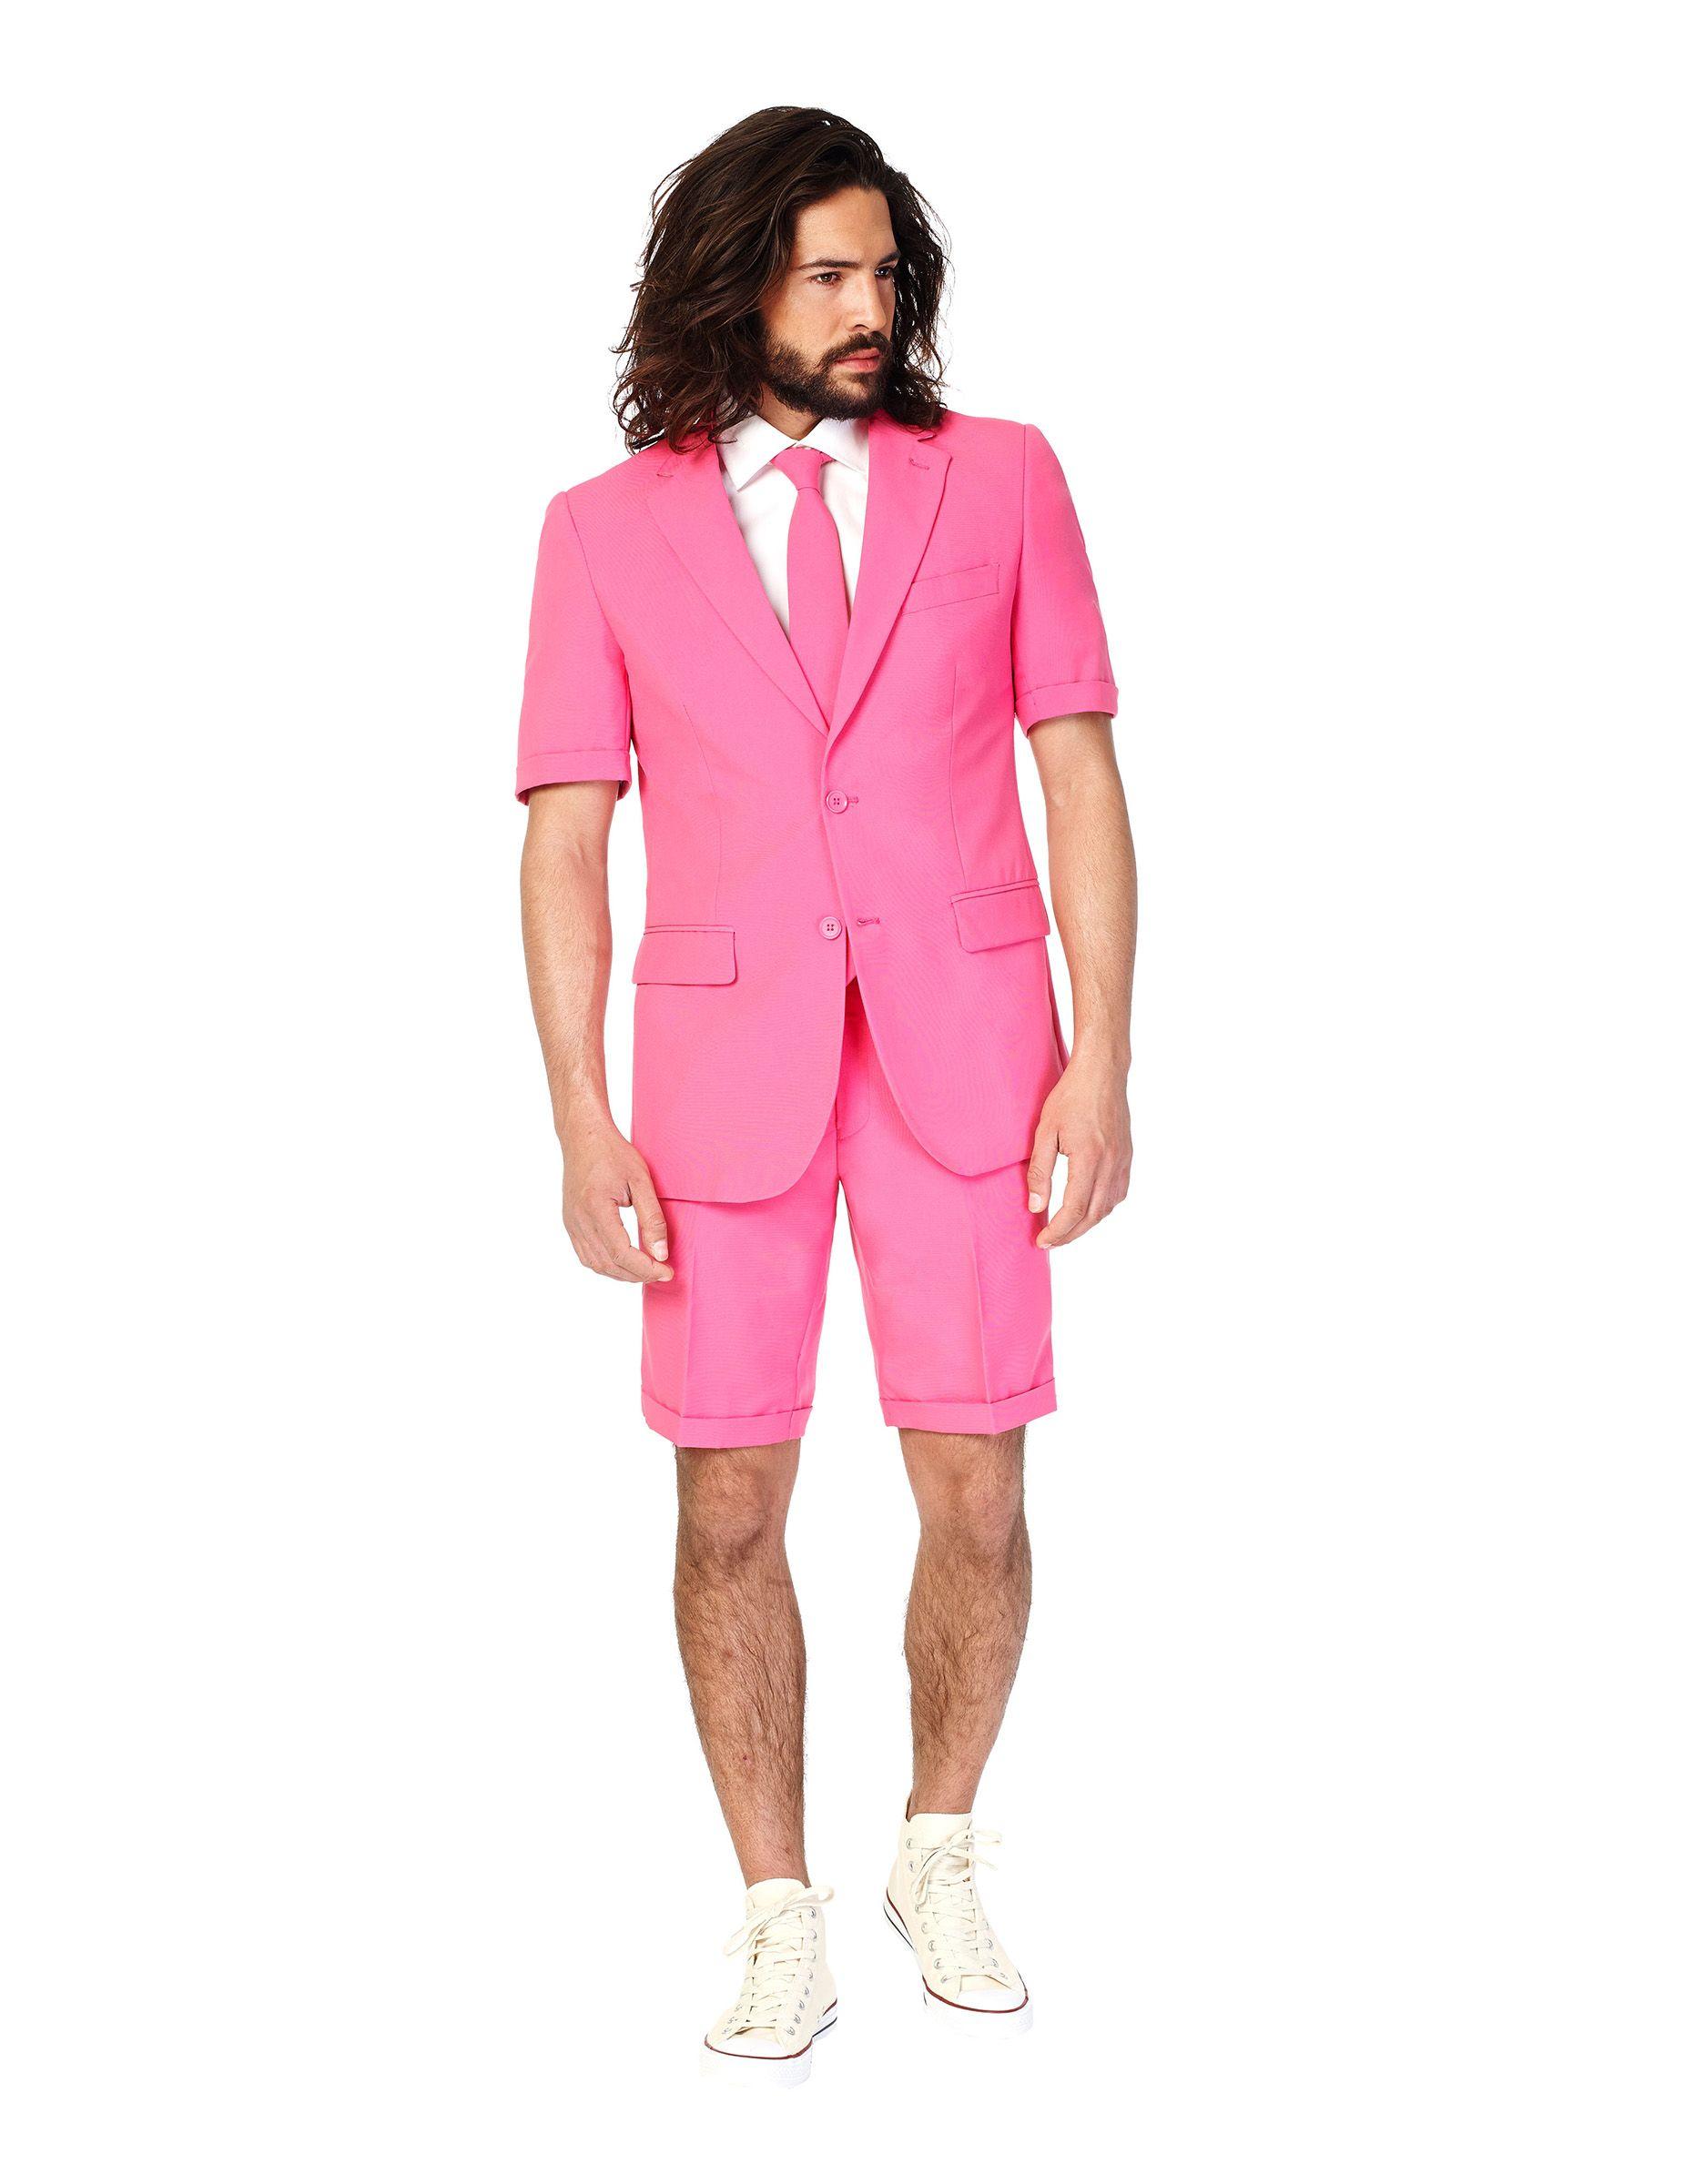 Traje de verano Mr Pink hombre Opposuits™ | Trajes de verano ...